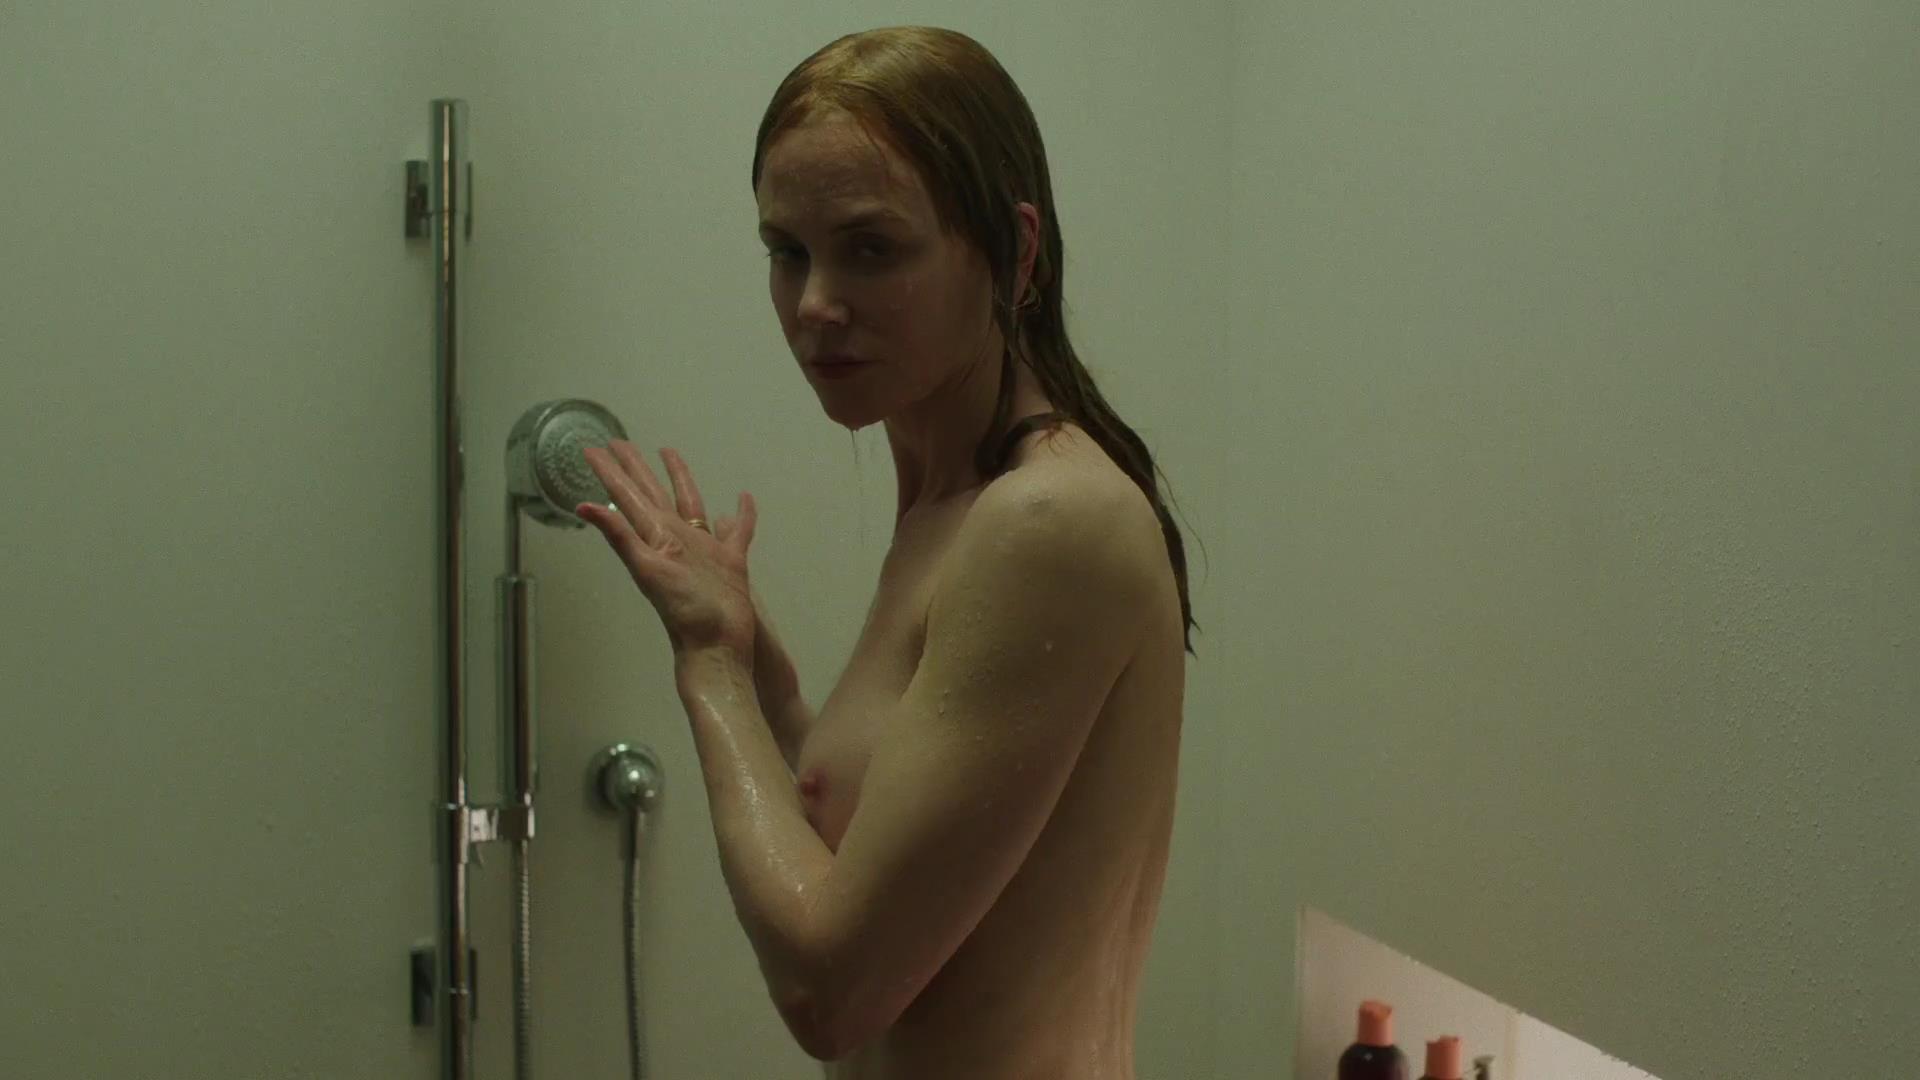 sex vd american babes hot pics